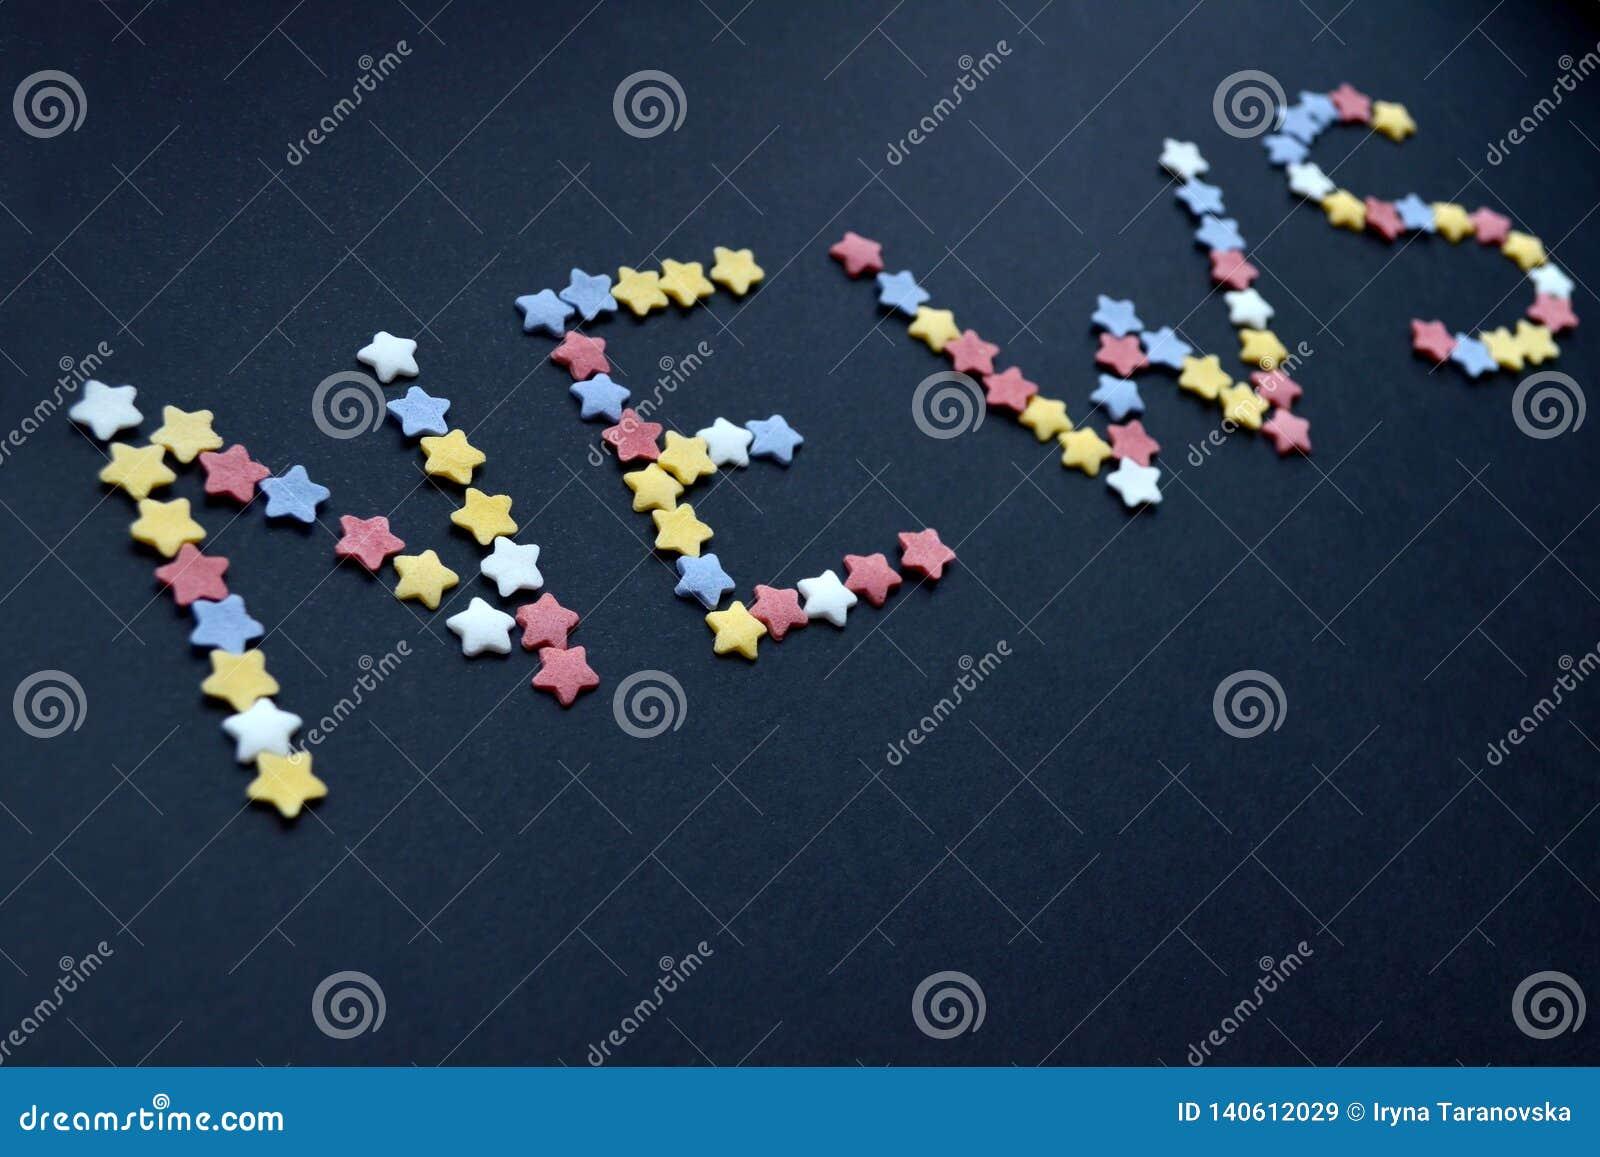 Słowo wiadomość napisze cienkim typem cukrowe ciasto gwiazdy na błękitnym tle, dla reklamować, handel, sprzedaże